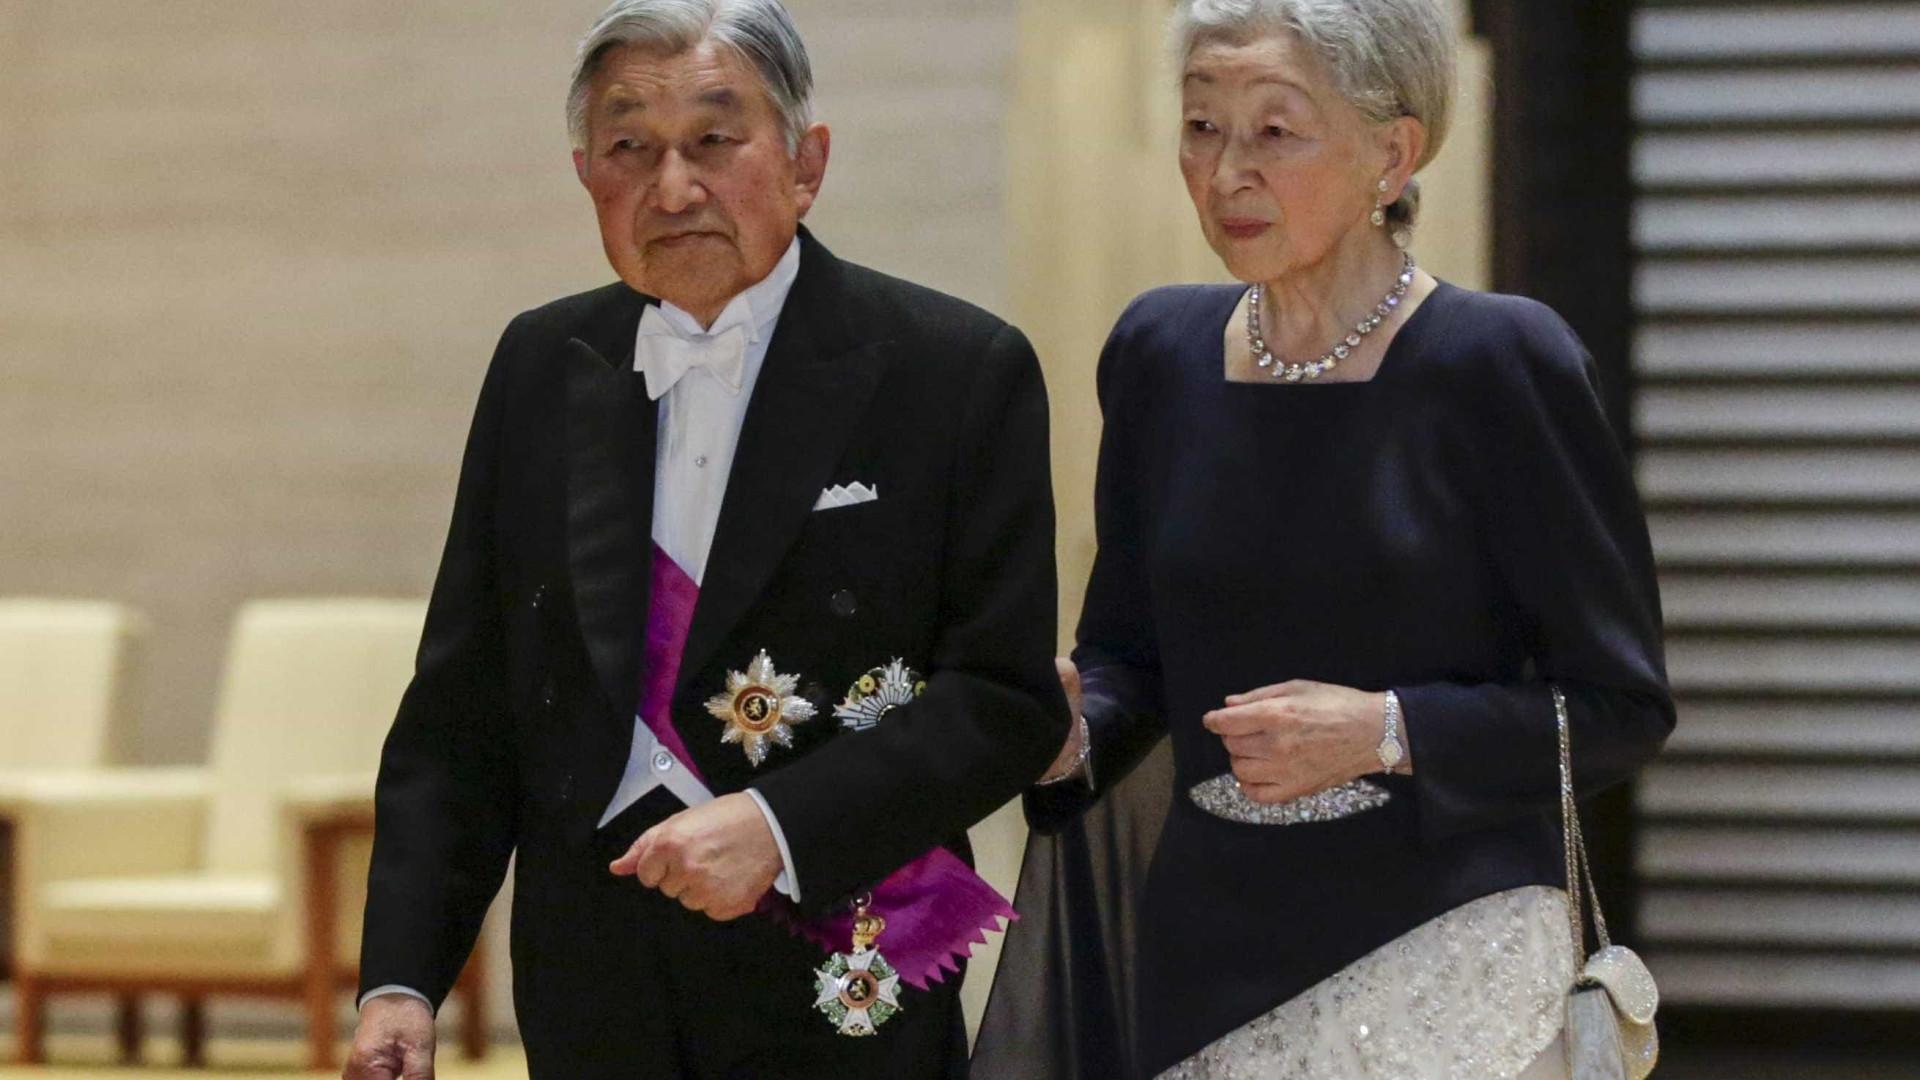 Governo do Japão prevê que imperador Akihito abdique em 2018